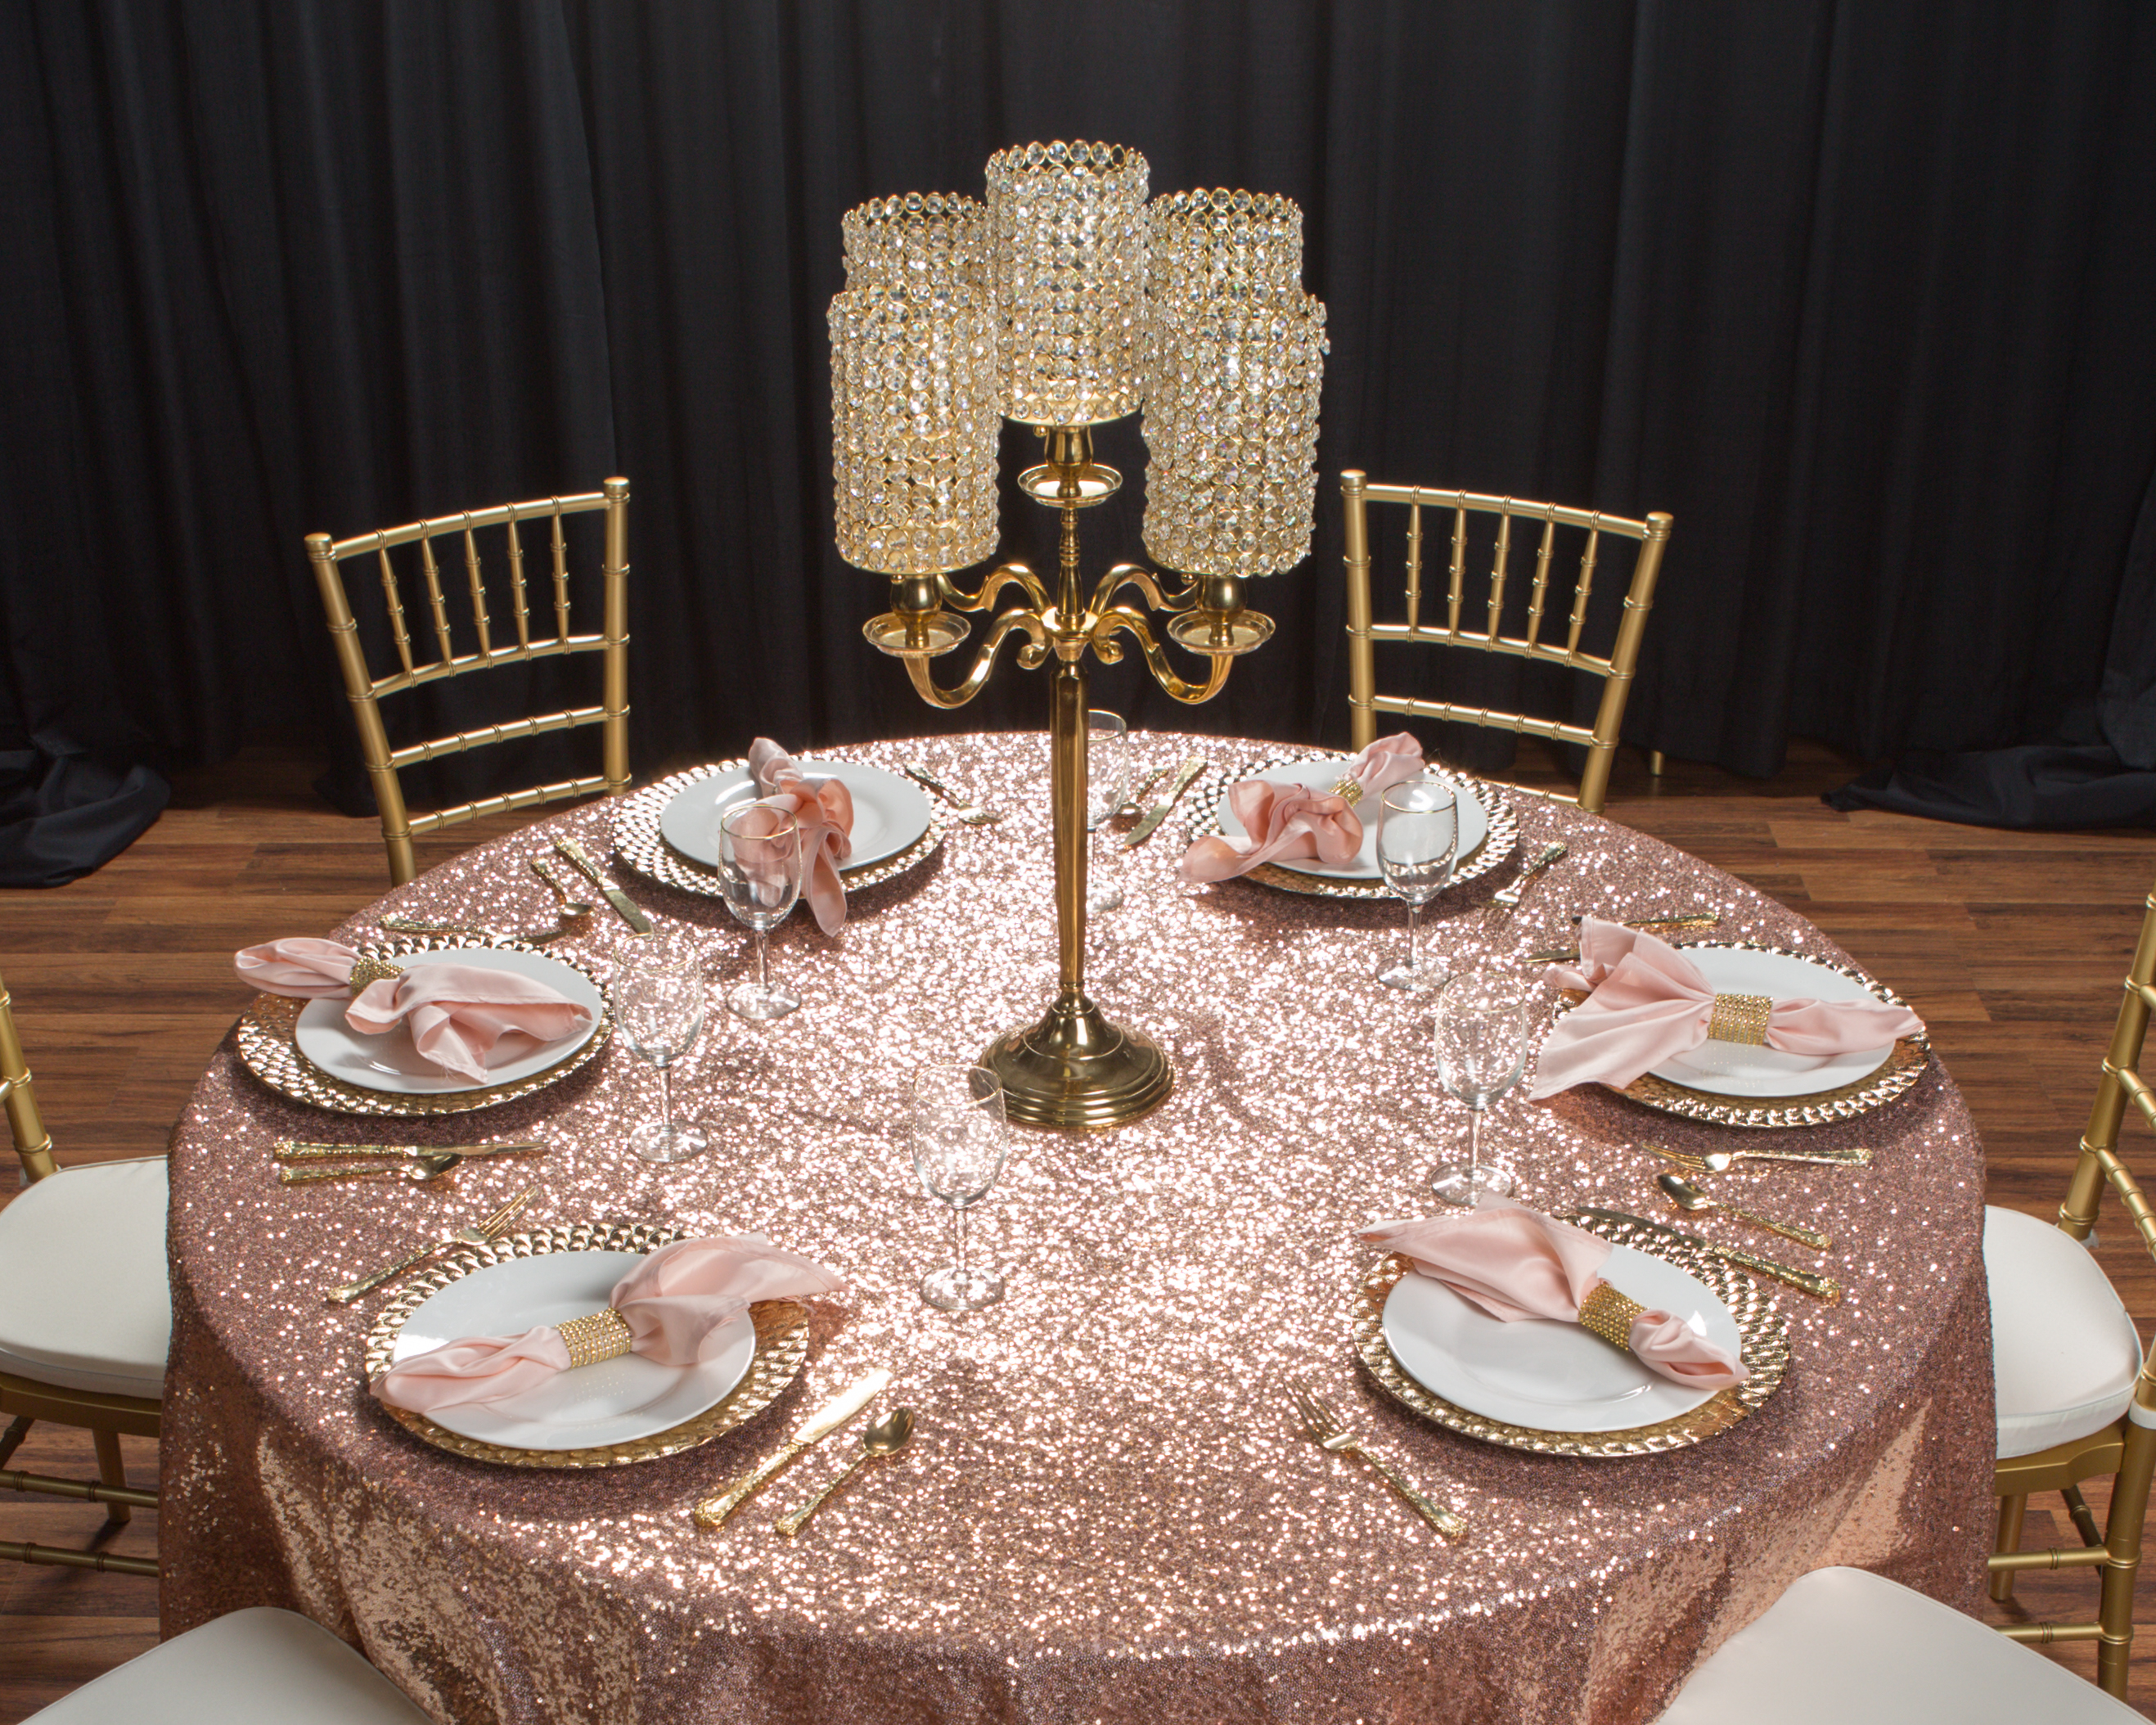 6.Textured Linen to Increase Table Décor